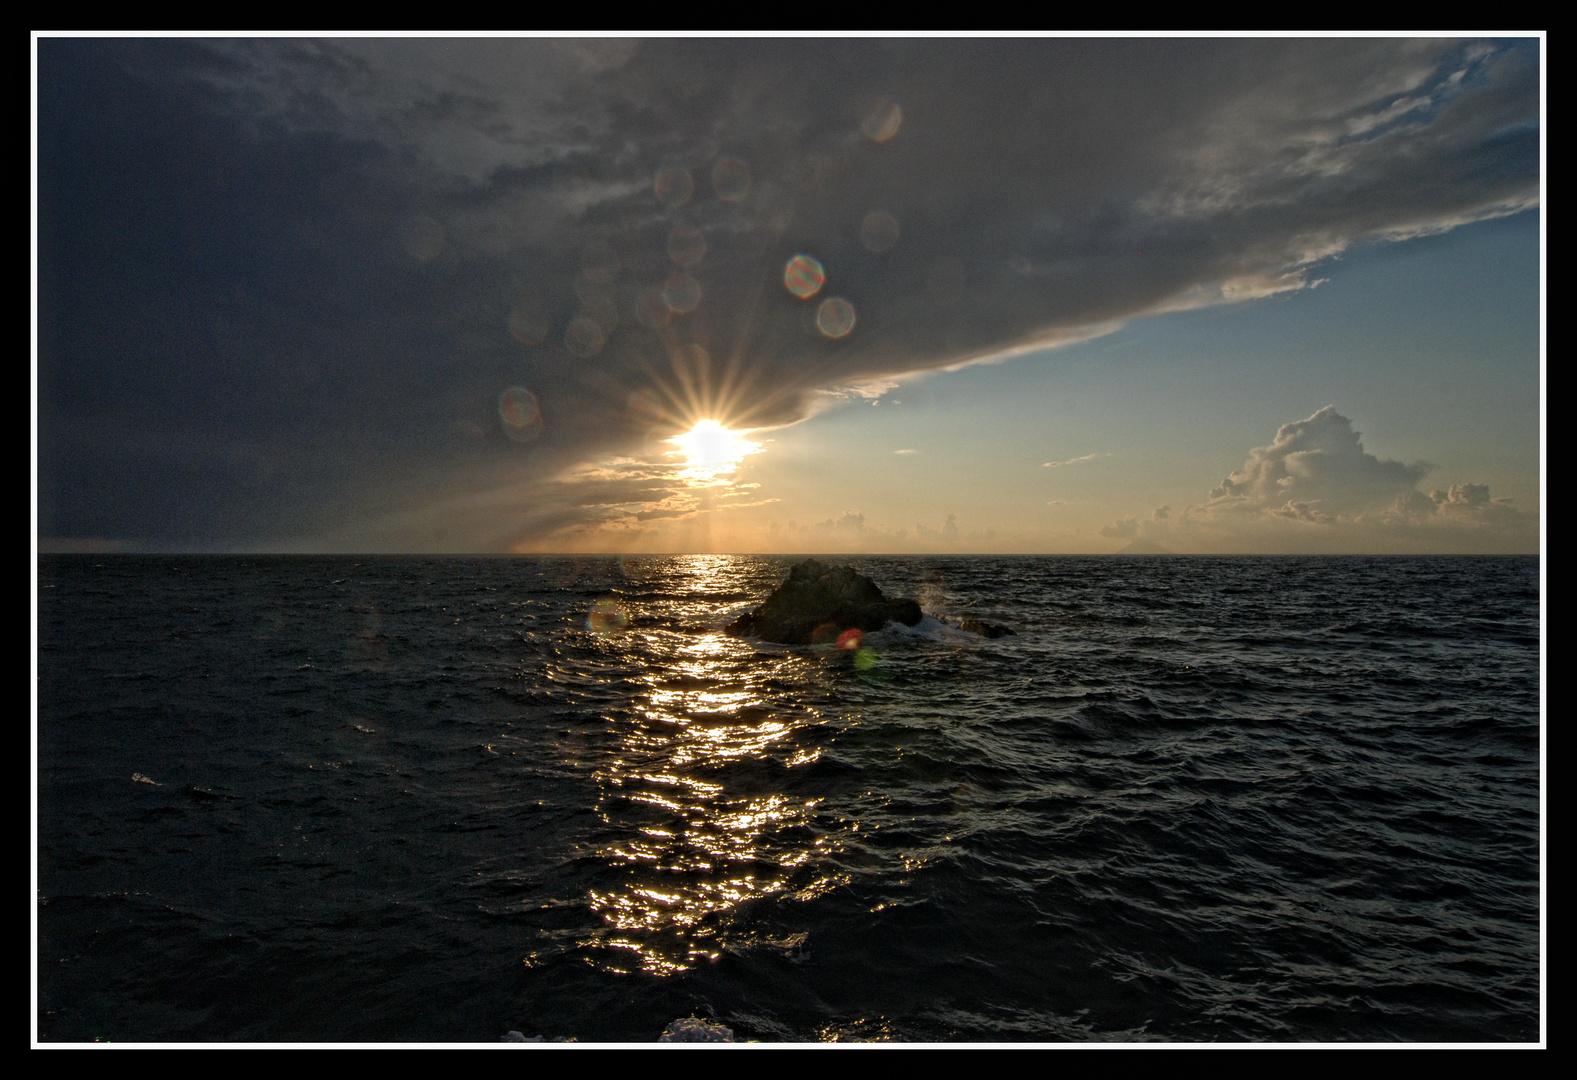 Nachmittag auf See